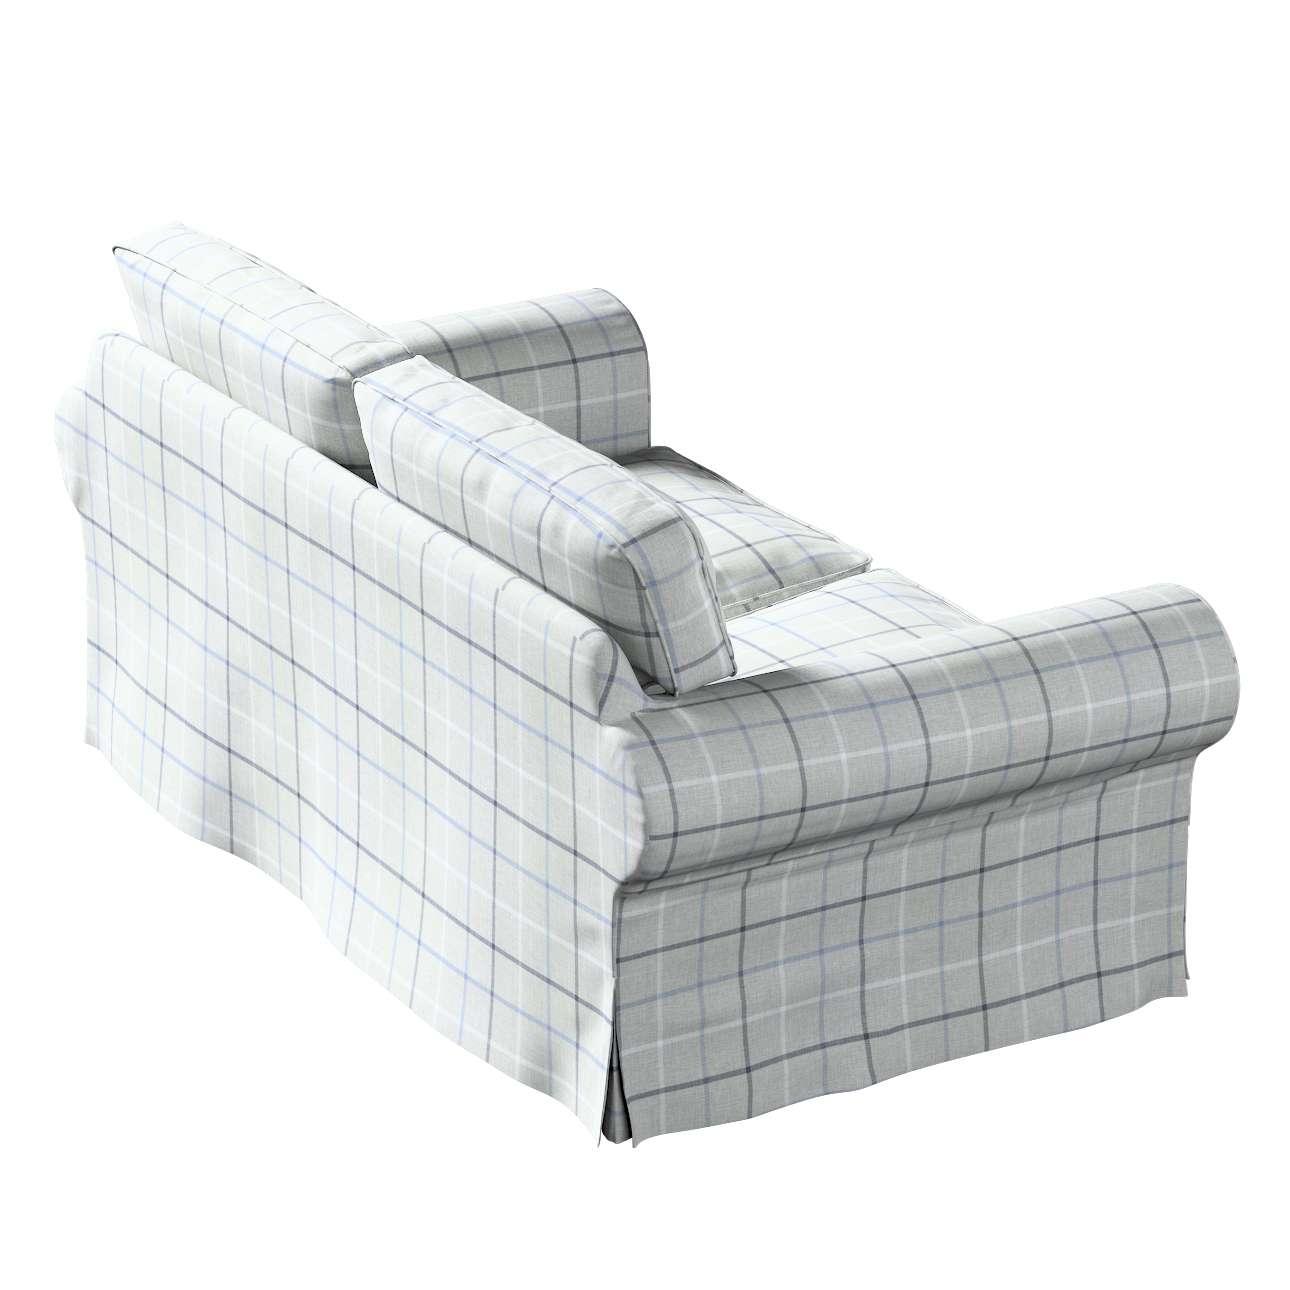 Pokrowiec na sofę Ektorp 2-osobową, nierozkładaną w kolekcji Edinburgh, tkanina: 703-18